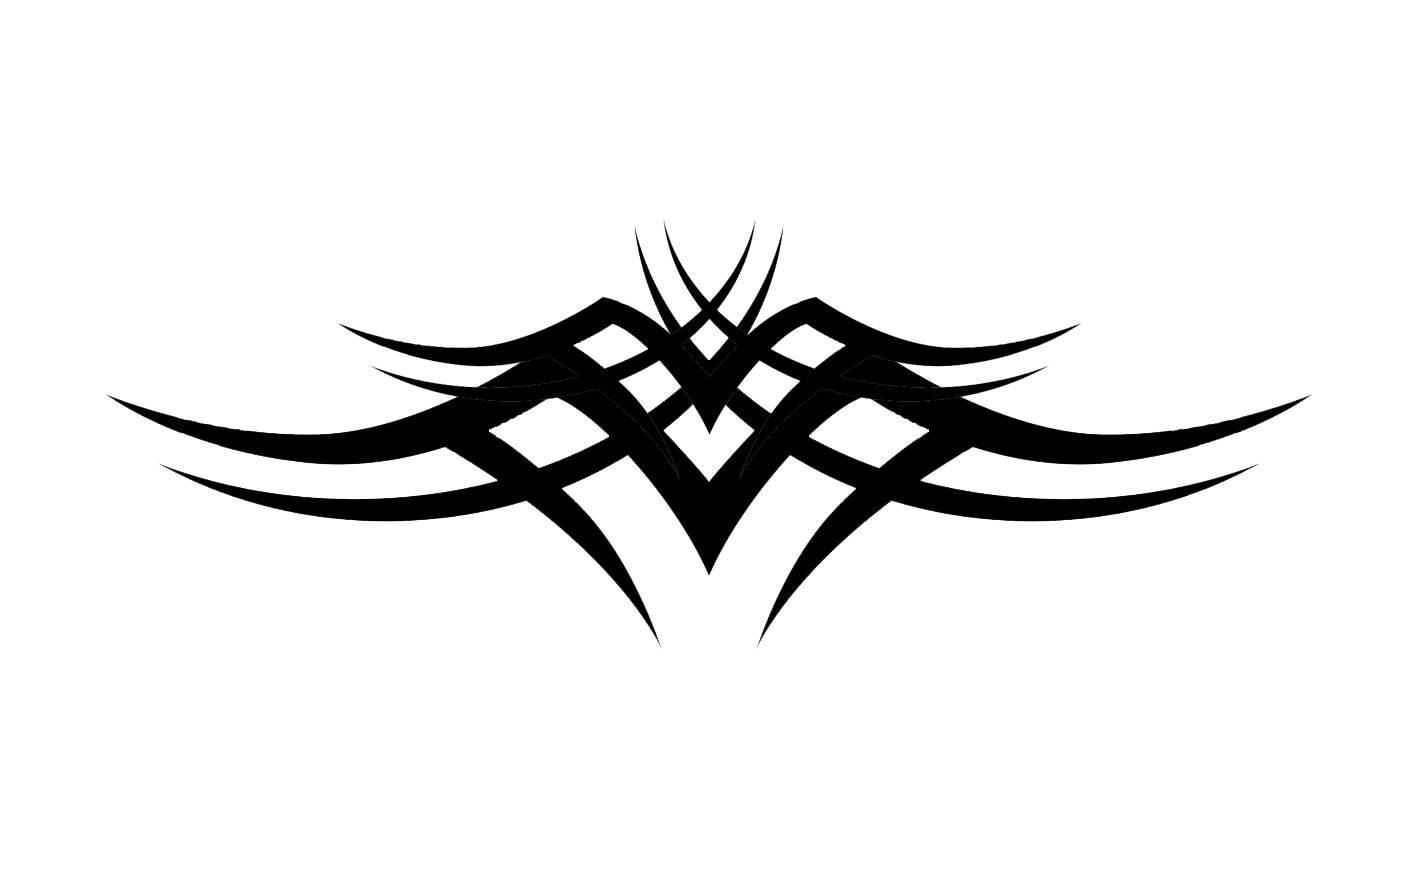 drawing tribal wings profile stencil art tattoo tatoo 5 etsy